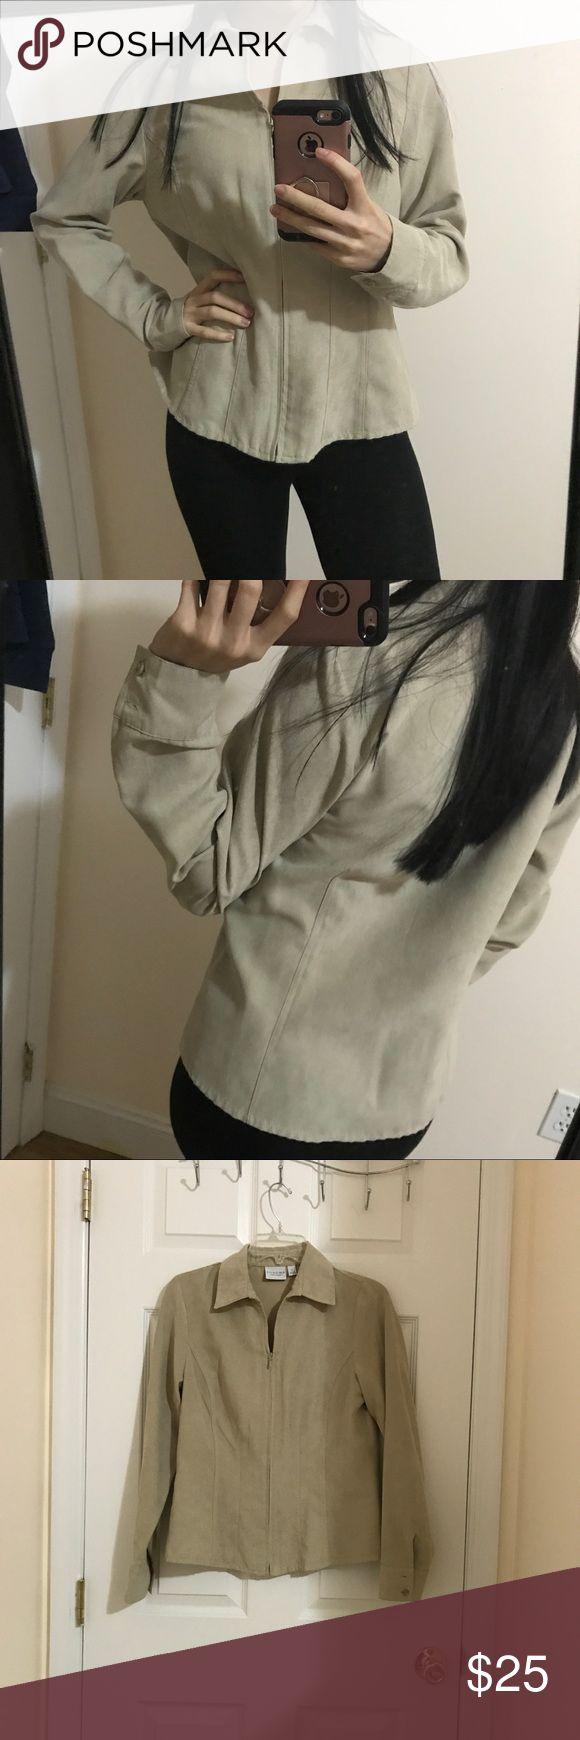 Suede beige zip up Brand new, fits size S/M Macy's Tops Sweatshirts & Hoodies